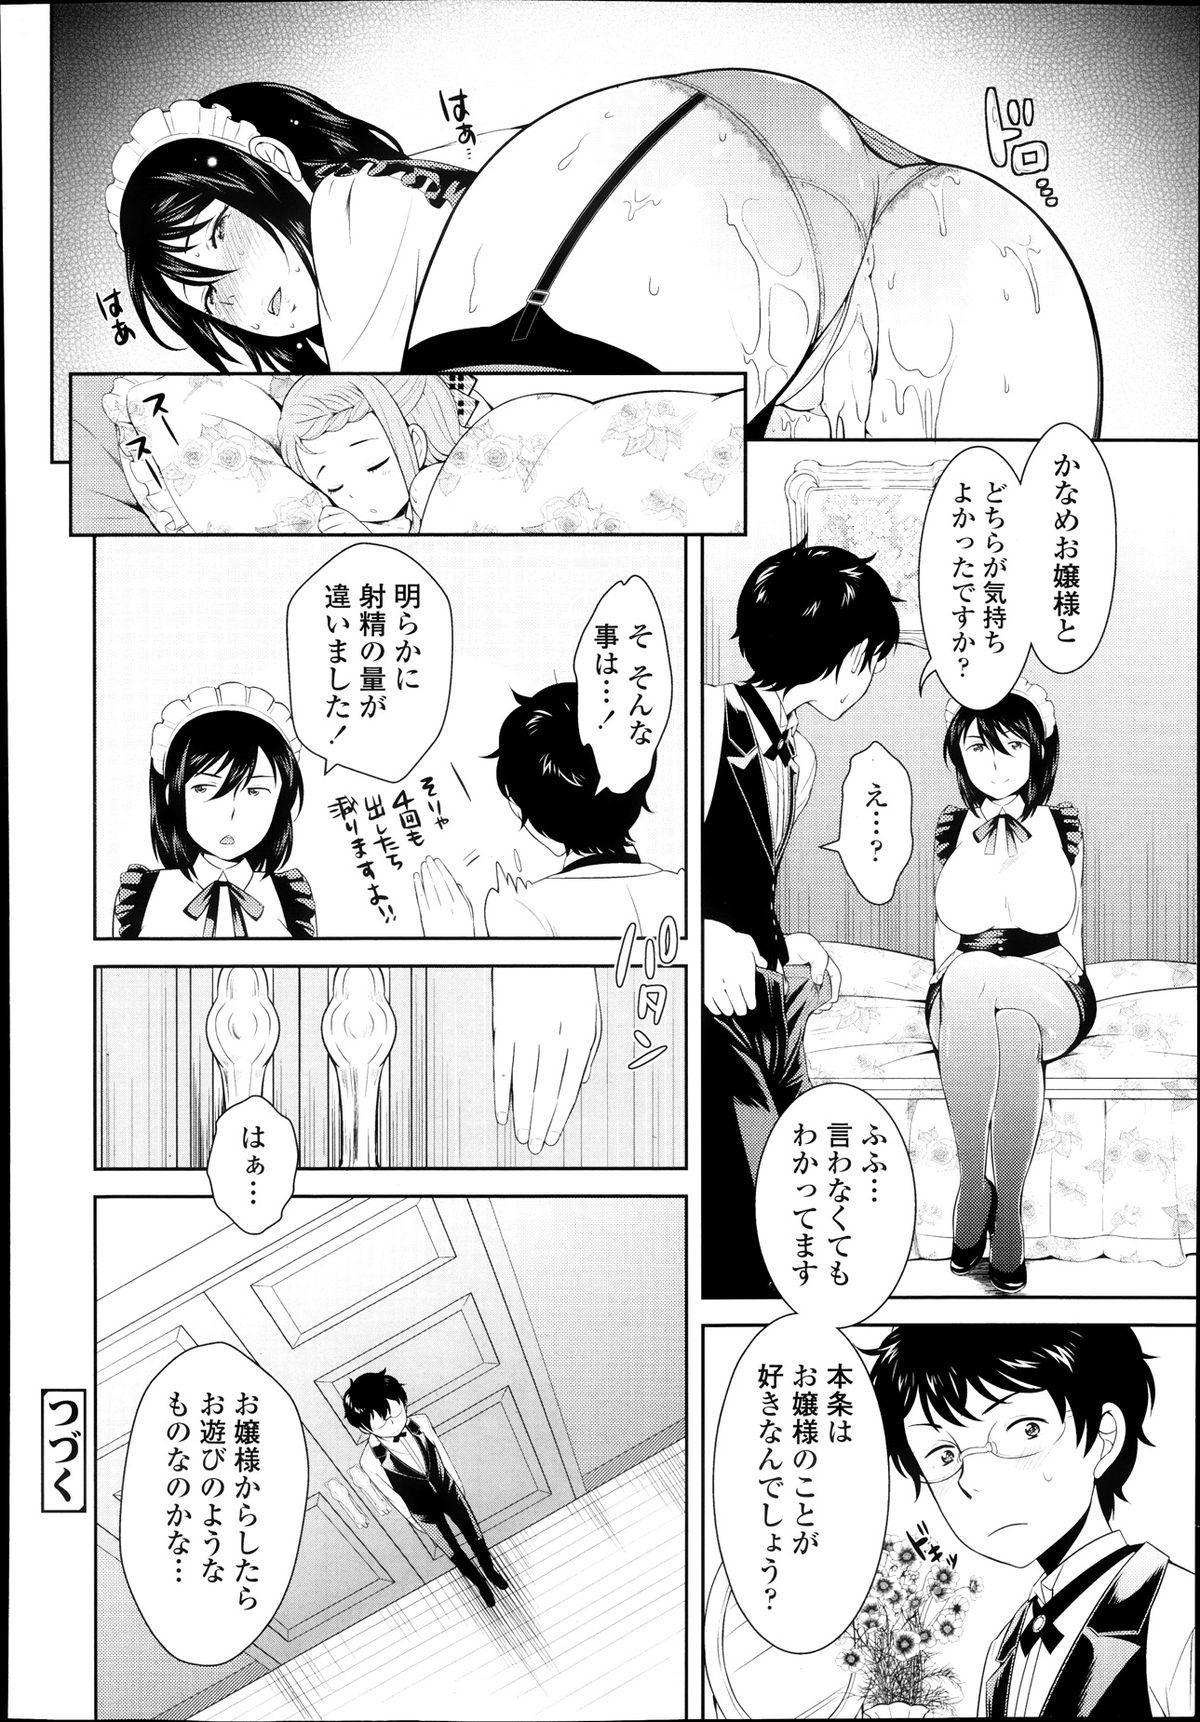 [Uesugi Kyoushirou] Matte Kudasai Ojou-sama   Yappari Suki desu, Ojou-sama 19